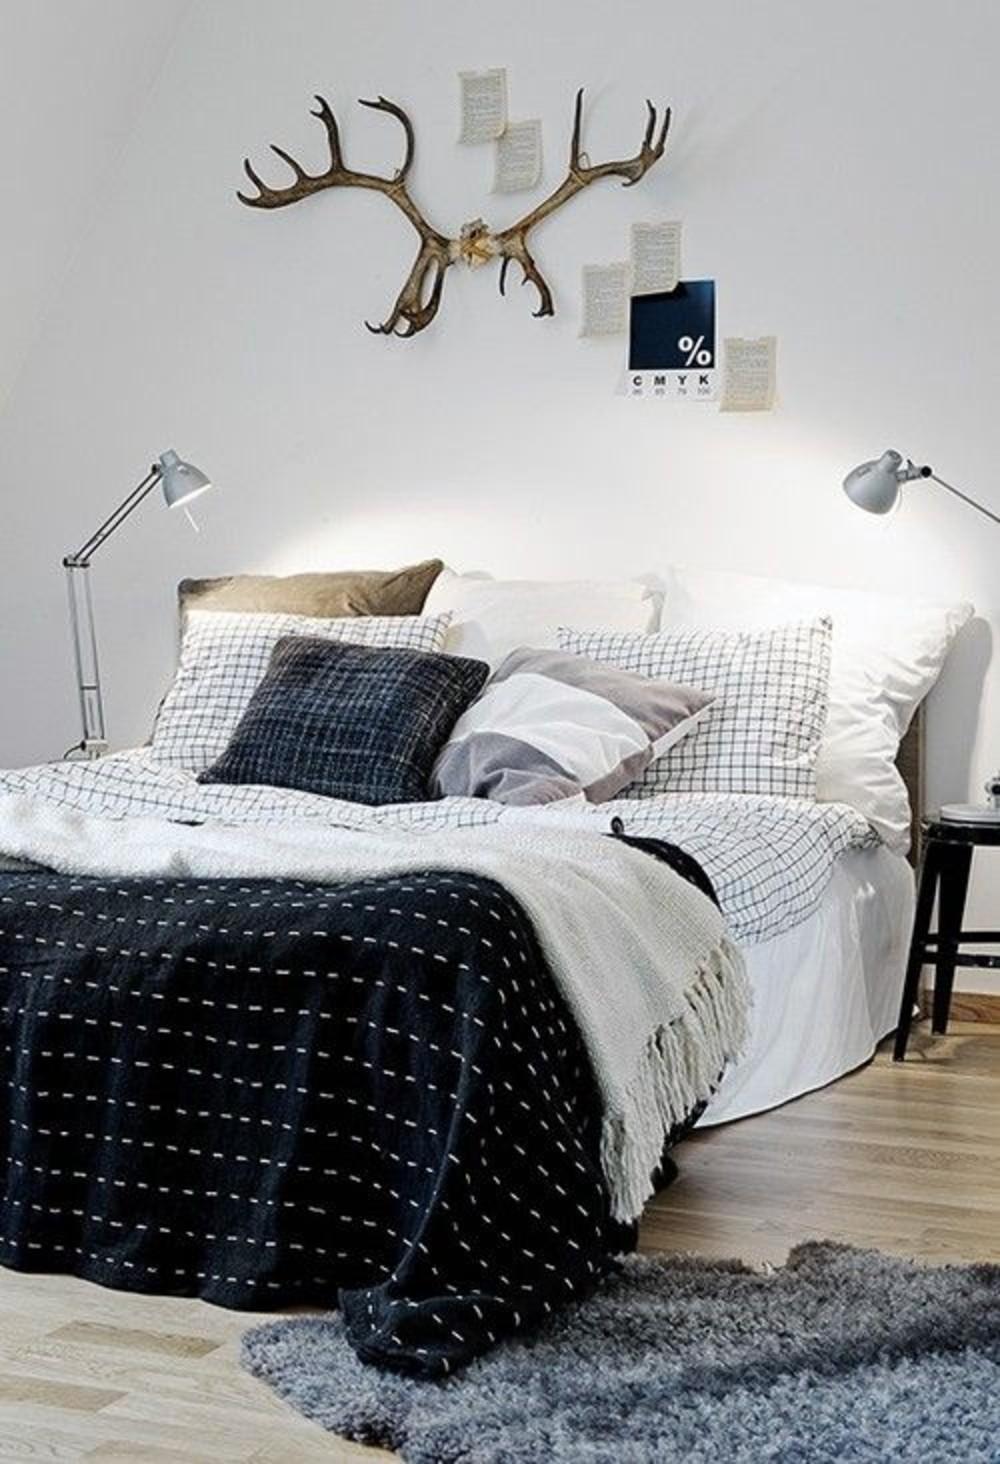 gewei-boven-bed-slaapkamer